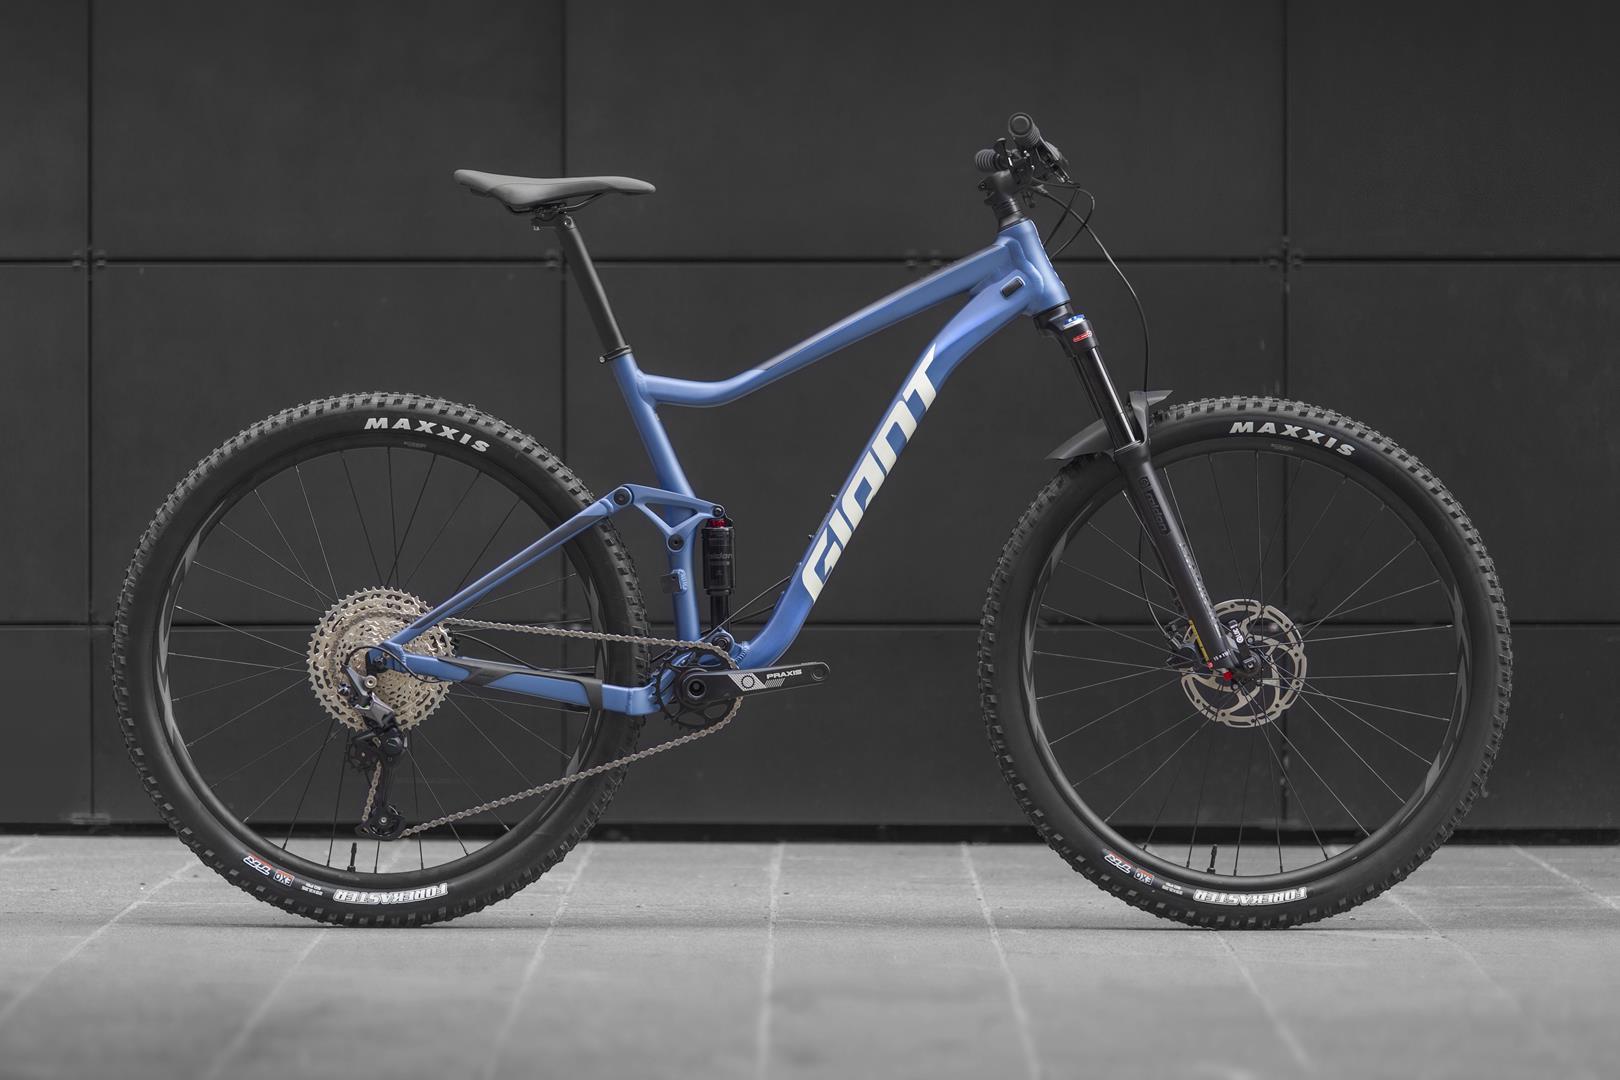 giant_bike1.jpg (135 KB)